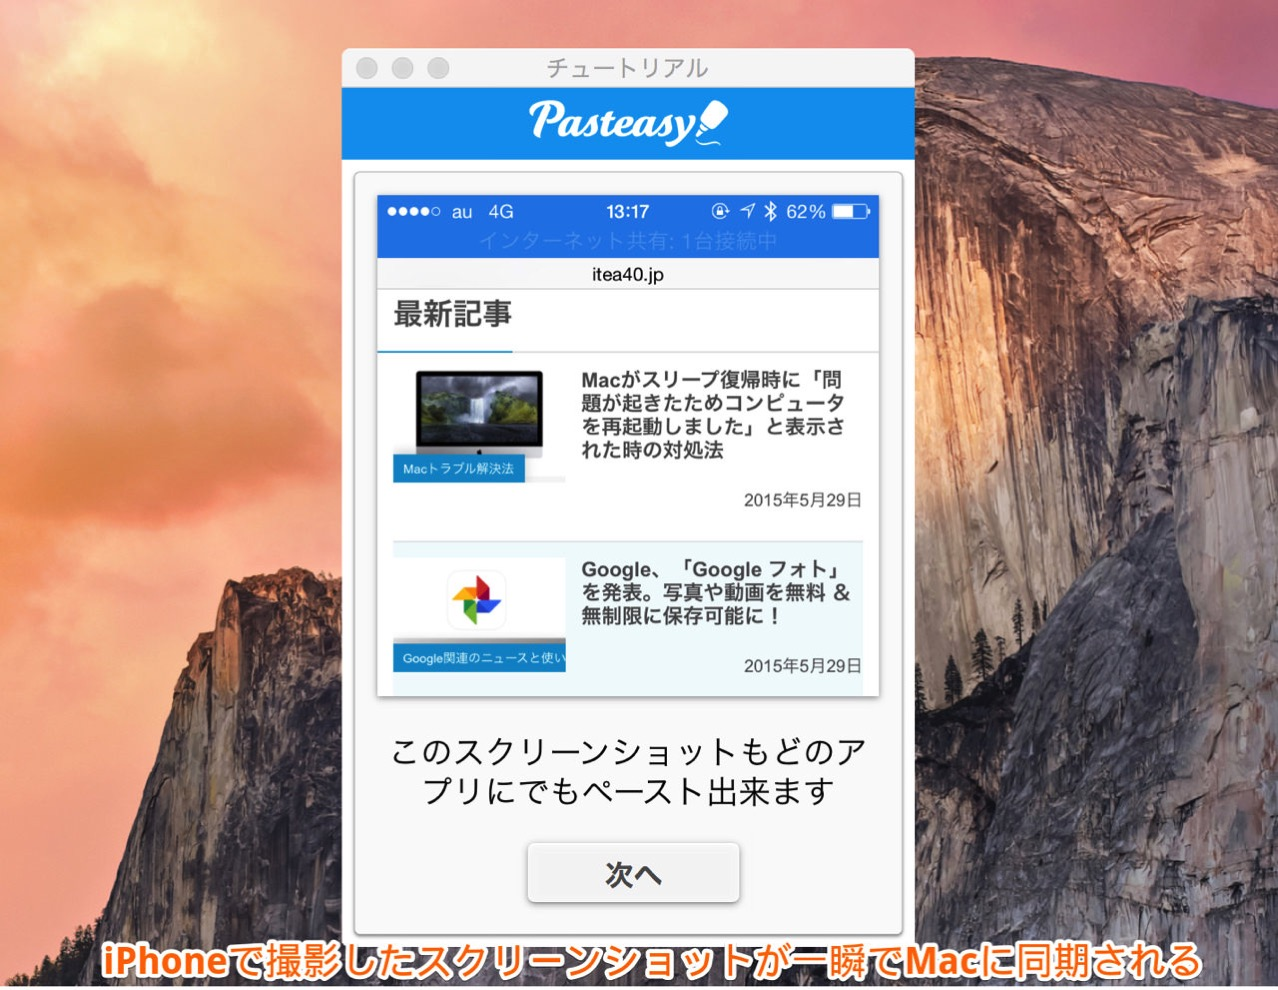 iPhoneで撮影したスクリーンショットがMacに転送される